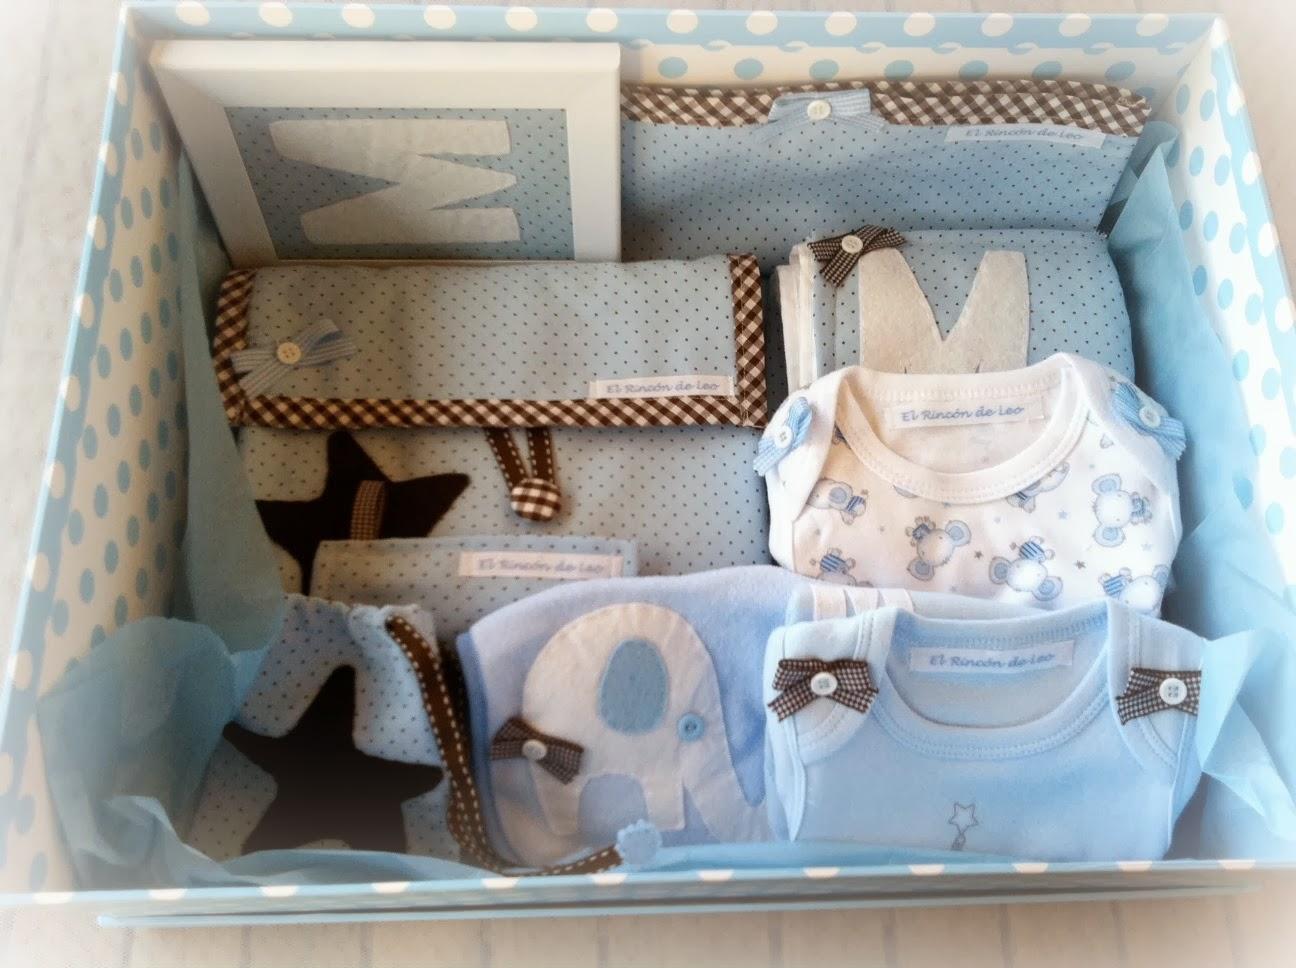 Preparando la llegada del beb canastillas artesanales - Como hacer un cambiador para bebes ...